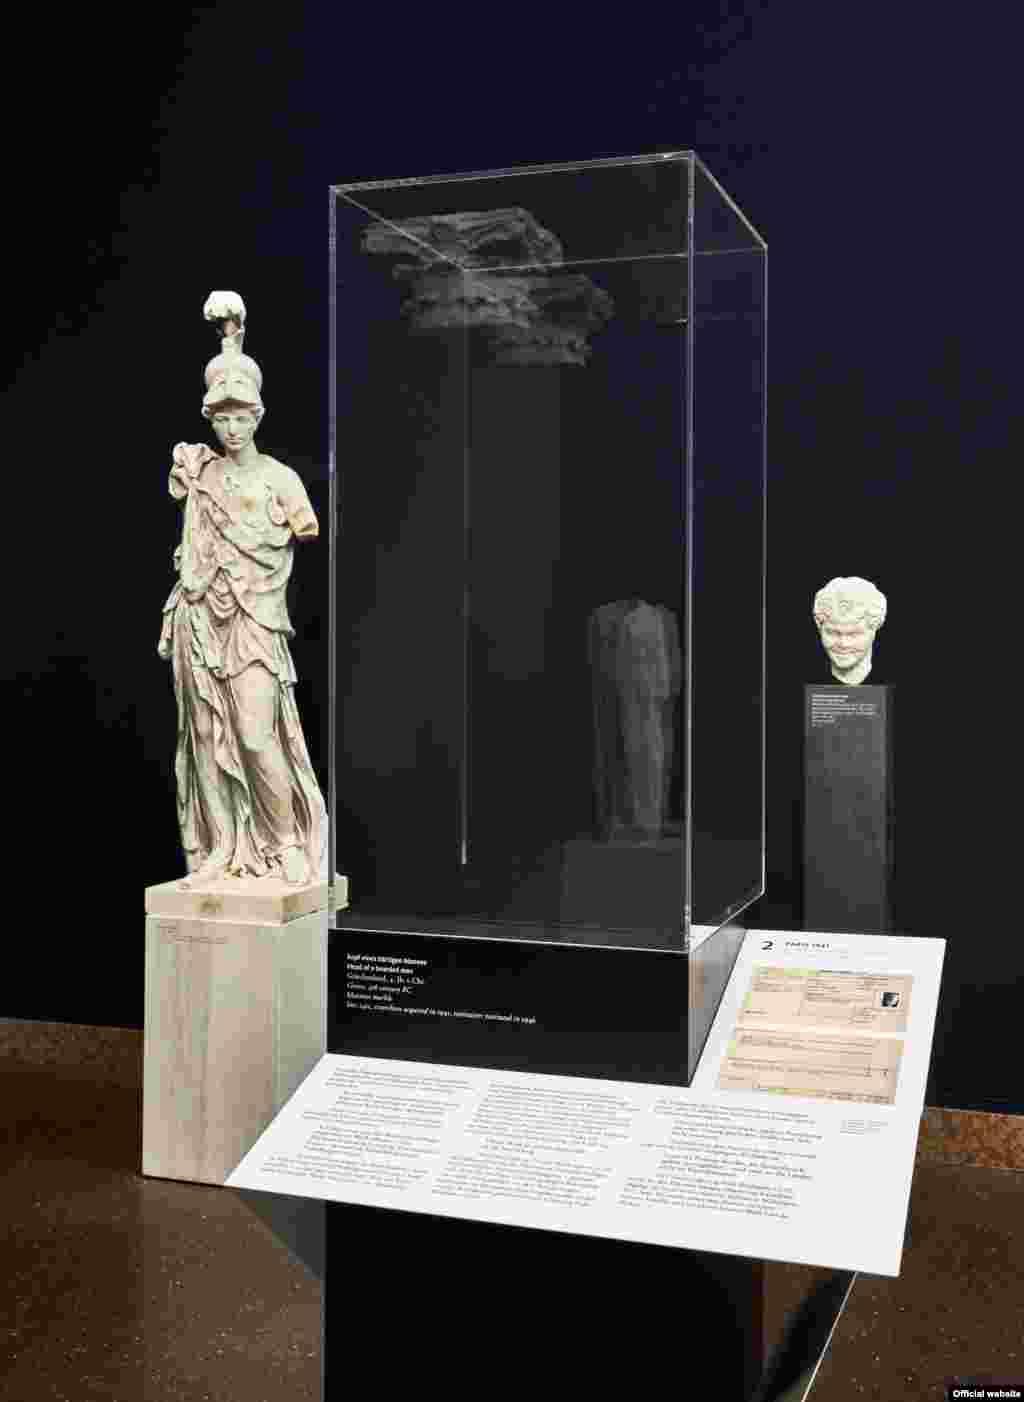 Cadrul unei sculpturi antice din colecția Lieblieghaus restituite proprietarilor ei după război.